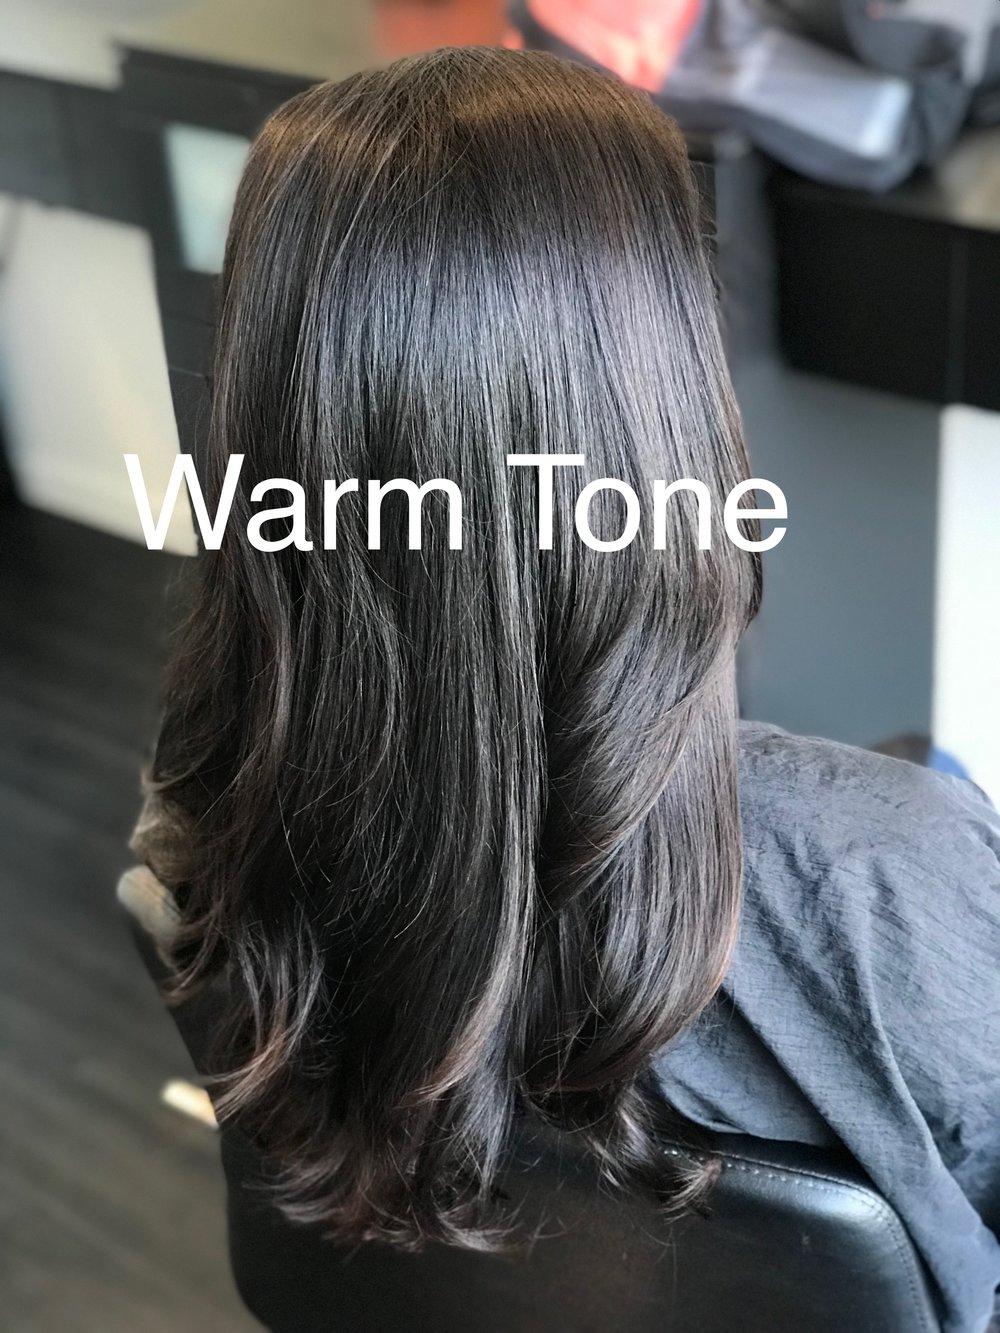 Warm tone hair 3